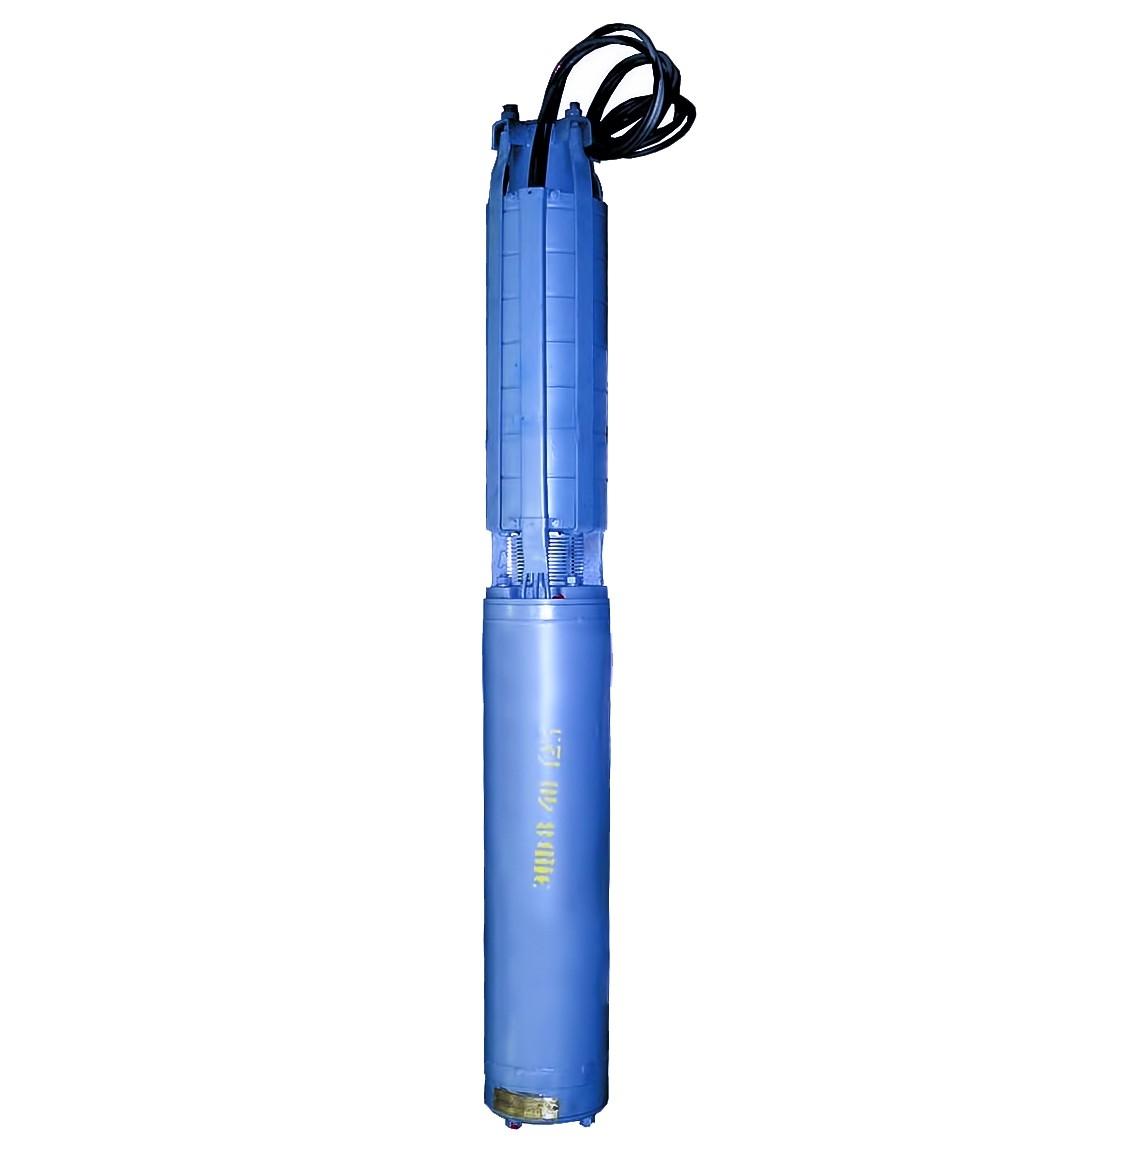 Погружной насос ЭЦВ 6-10-50 армлен